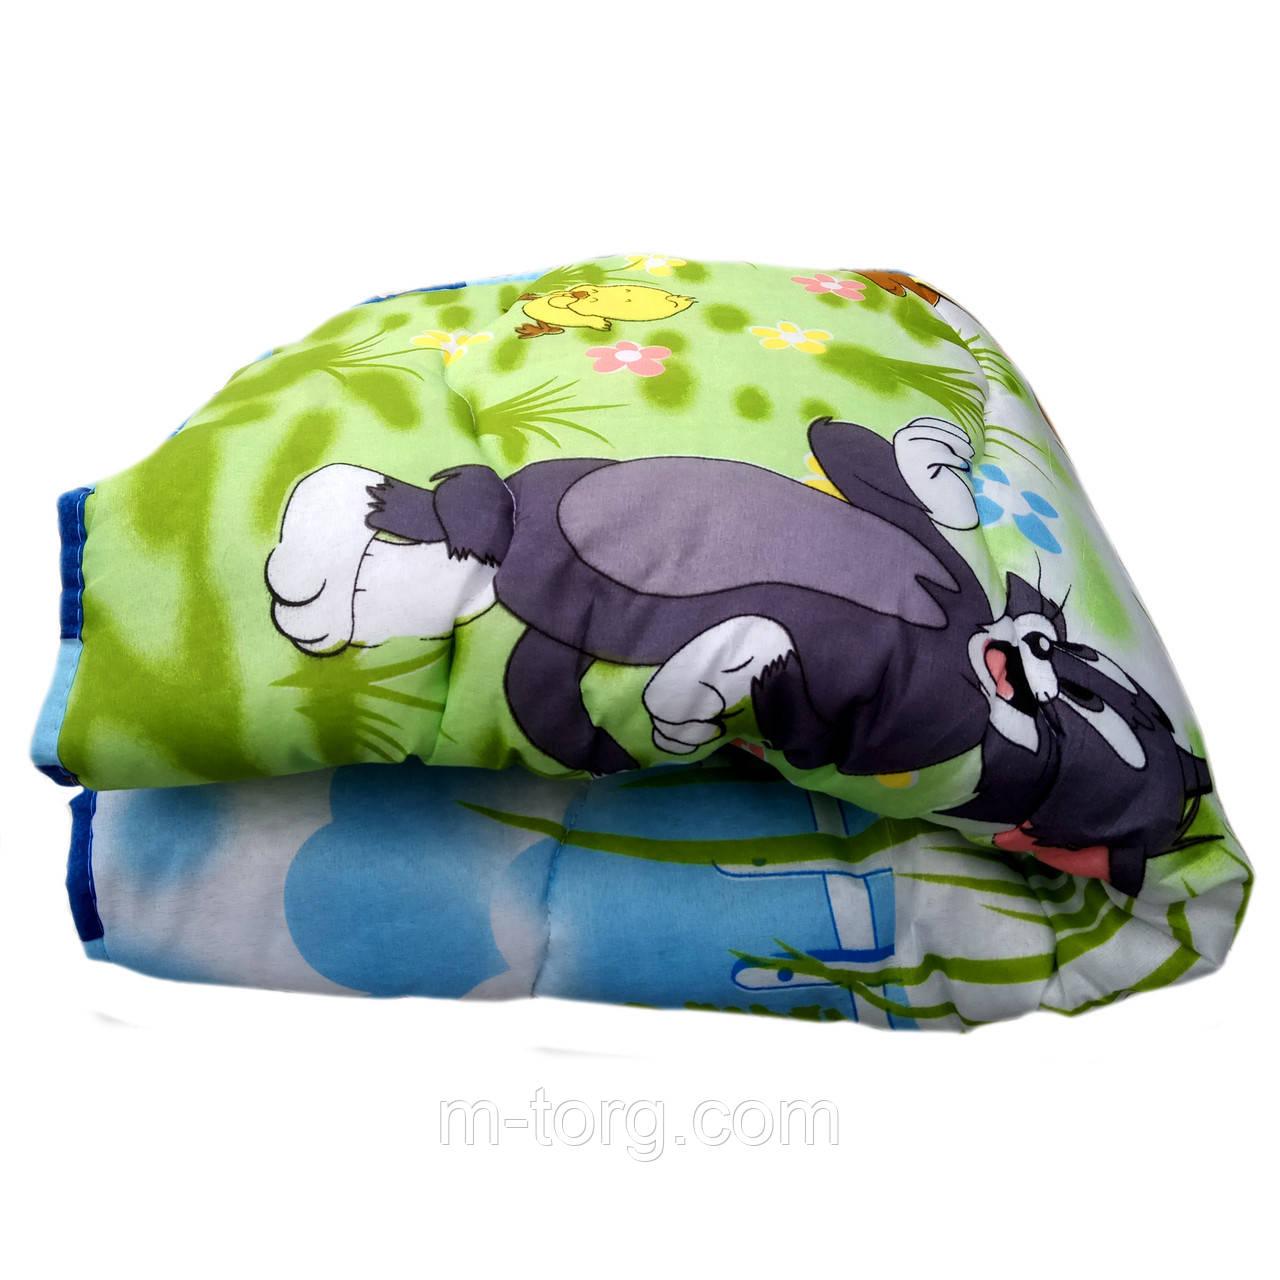 Одеяло детское холлофайбер 110/150 ткань поликоттон